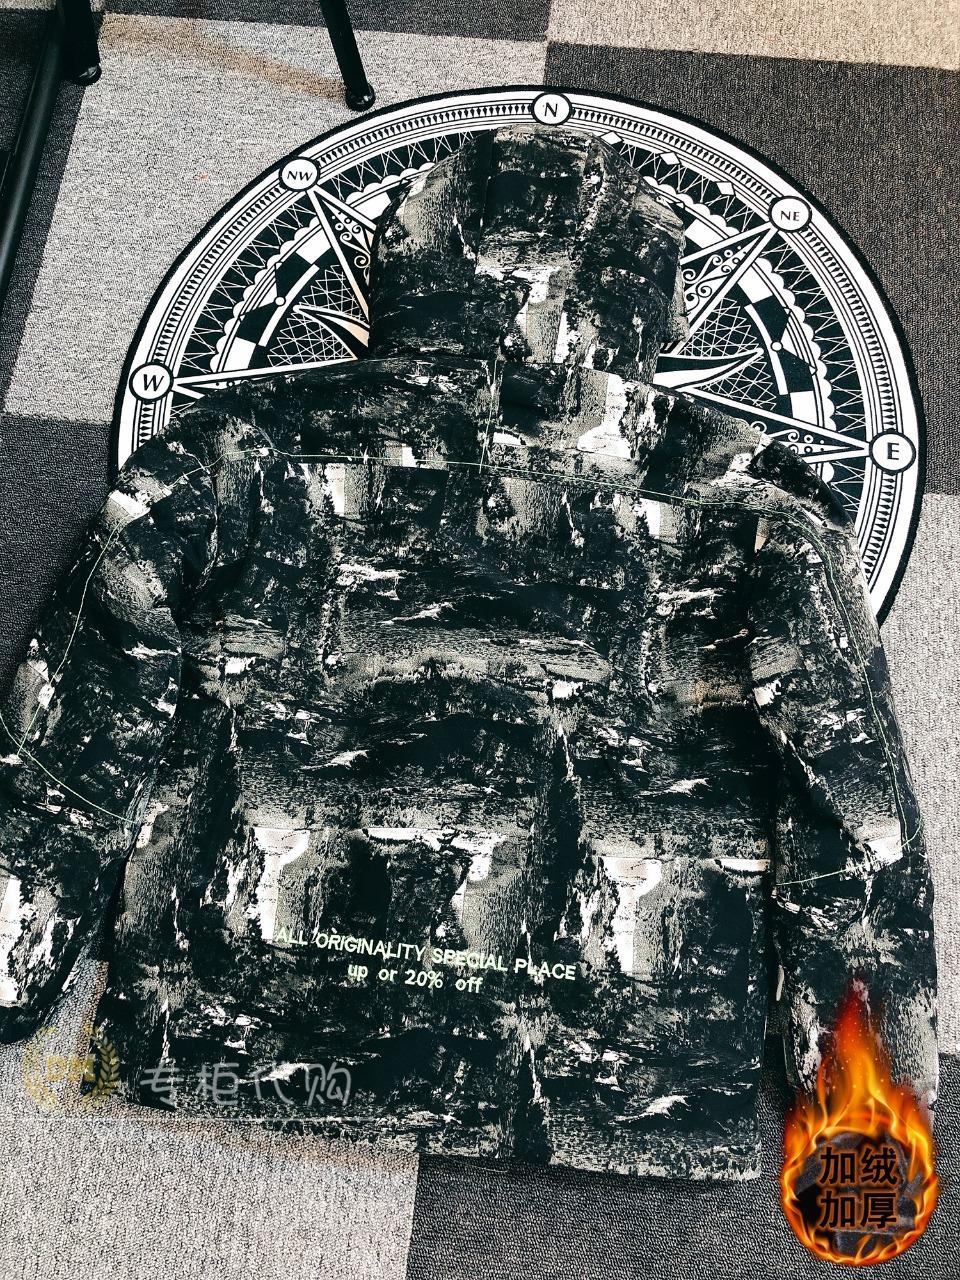 三件套P425 独家实拍 重磅暖冬ins爆款PUMA&彪马 羽绒棉服外套+连帽水貂绒卫衣裤套装,零下抗寒好物,保暖不跑绒,不失温度又不失风度! 宽松的轮廓有一点点的街头风的帅气休闲感  此设计更好的呵护颈部防风保暖  不管大家是上班or日常 都能让时髦感翻倍! ! !                                                                                          尺码M-4XL,男女通码,可单卖!M/建议      高155-165 重85-100L/建议      高165-170 重100-115XL/建议     高170-175 重115-1302XL/建议    高175-180 重130-1503XL/建议    高180-185 重150-1704XL/建议    高185-190 重170-190